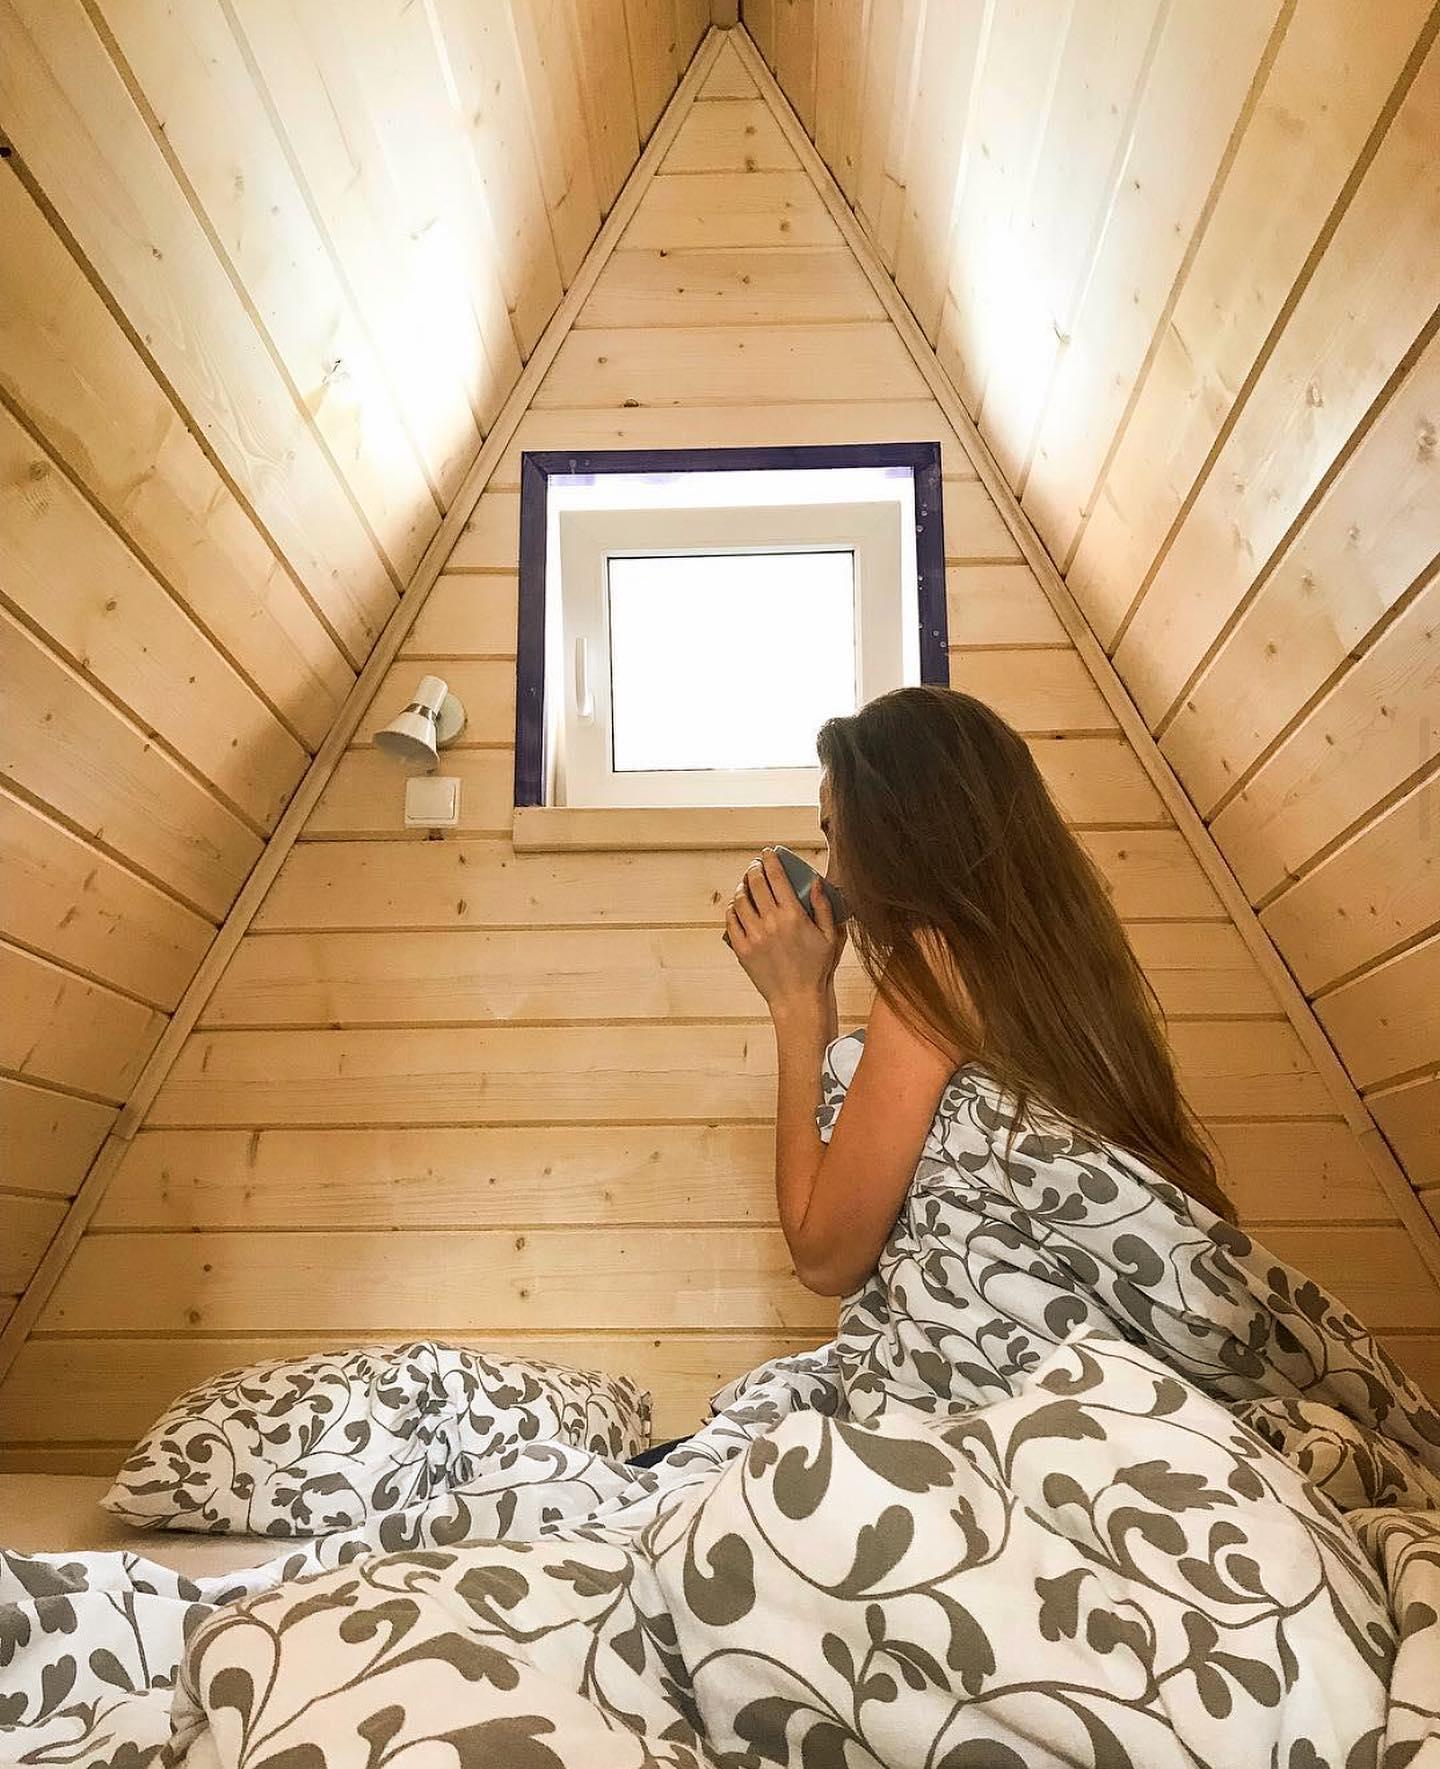 Внимание, Акция!  На этой неделе нас будет радовать яркое солнце, а уже на следующей ждём обещанный снег☃️ - отличный повод провести время на природе  в окружении живописного соснового леса🌲  При бронировании 2х ночей в треугольном коттедже, 2 часа бани на дровах в подарок🏚🏻♀️ При бронировании 3х ночей - дарим романтический ужин при свечах в ресторане с видом на озеро️  Акция действует на период до 18 декабря 2020 в будние дни с вск по четверг️ Бронирование домиков со спец. предложениям на нашем сайте по ссылке в шапке профиля и по телефону 4099818️  Хорошего настроения, друзья!🤝  Фото: @anastasia_staskevich📸  Подписывайтесь на наш аккаунт @greenvald_park, чтобы следить за новостями, акциями и предложениями🏻